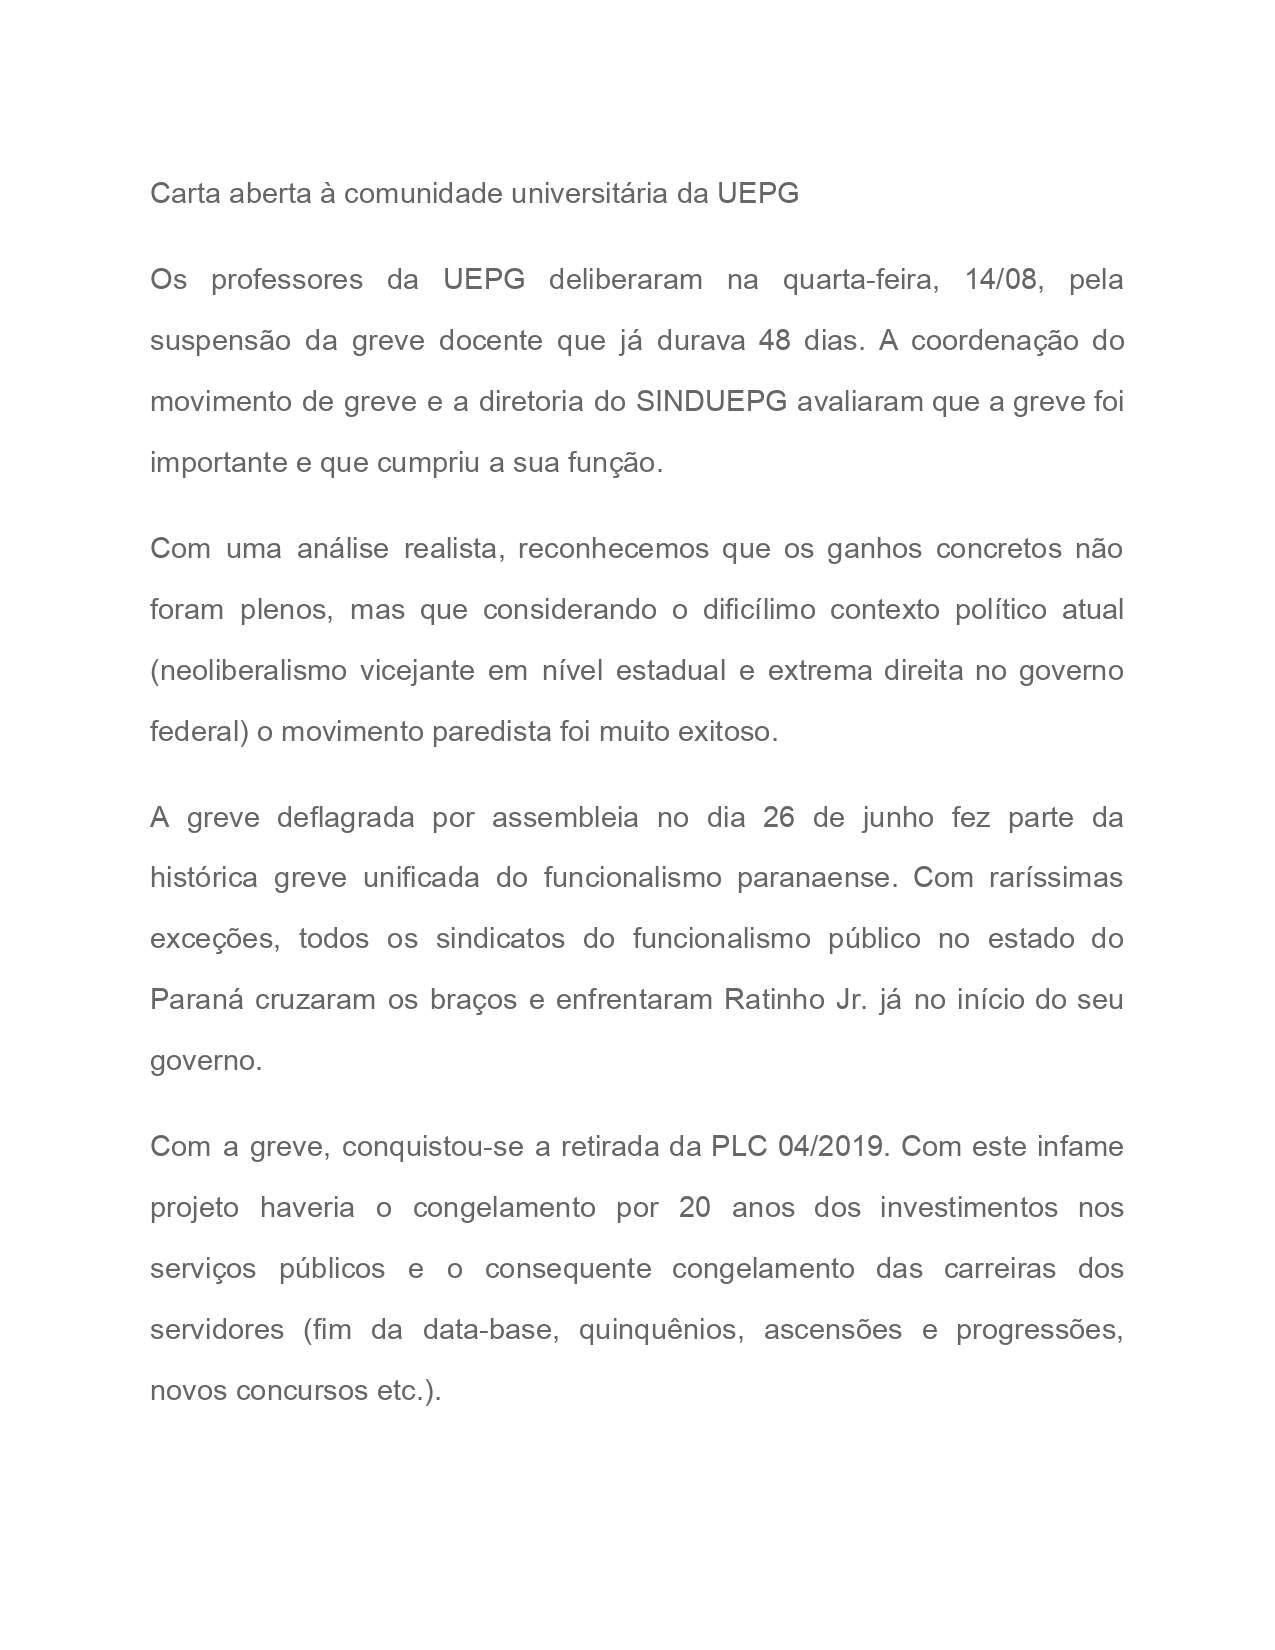 CARTA ABERTA À COMUNIDADE UNIVERSITÁRIA DA UEPG